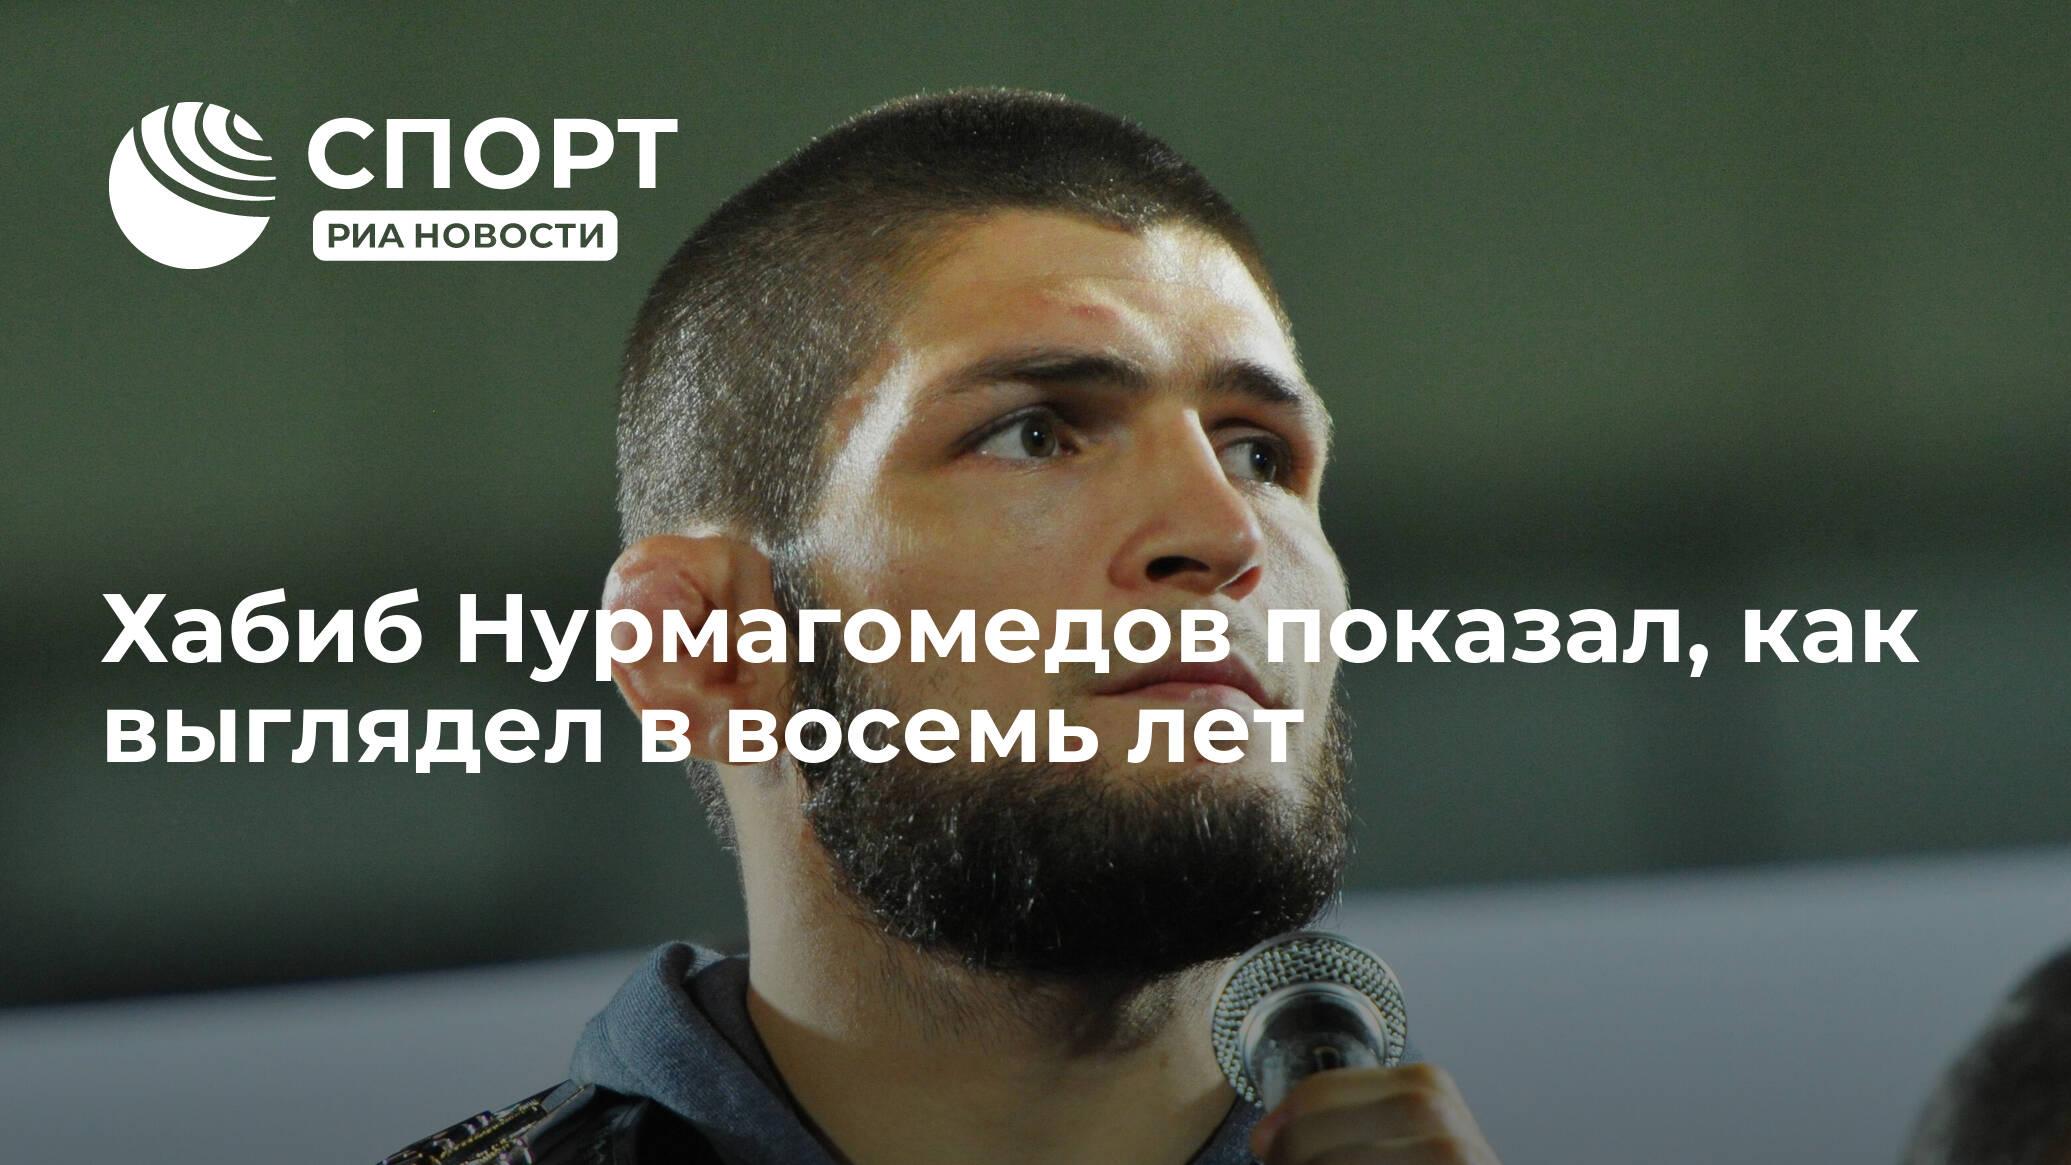 Хабиб Нурмагомедов показал, как выглядел в восемь лет